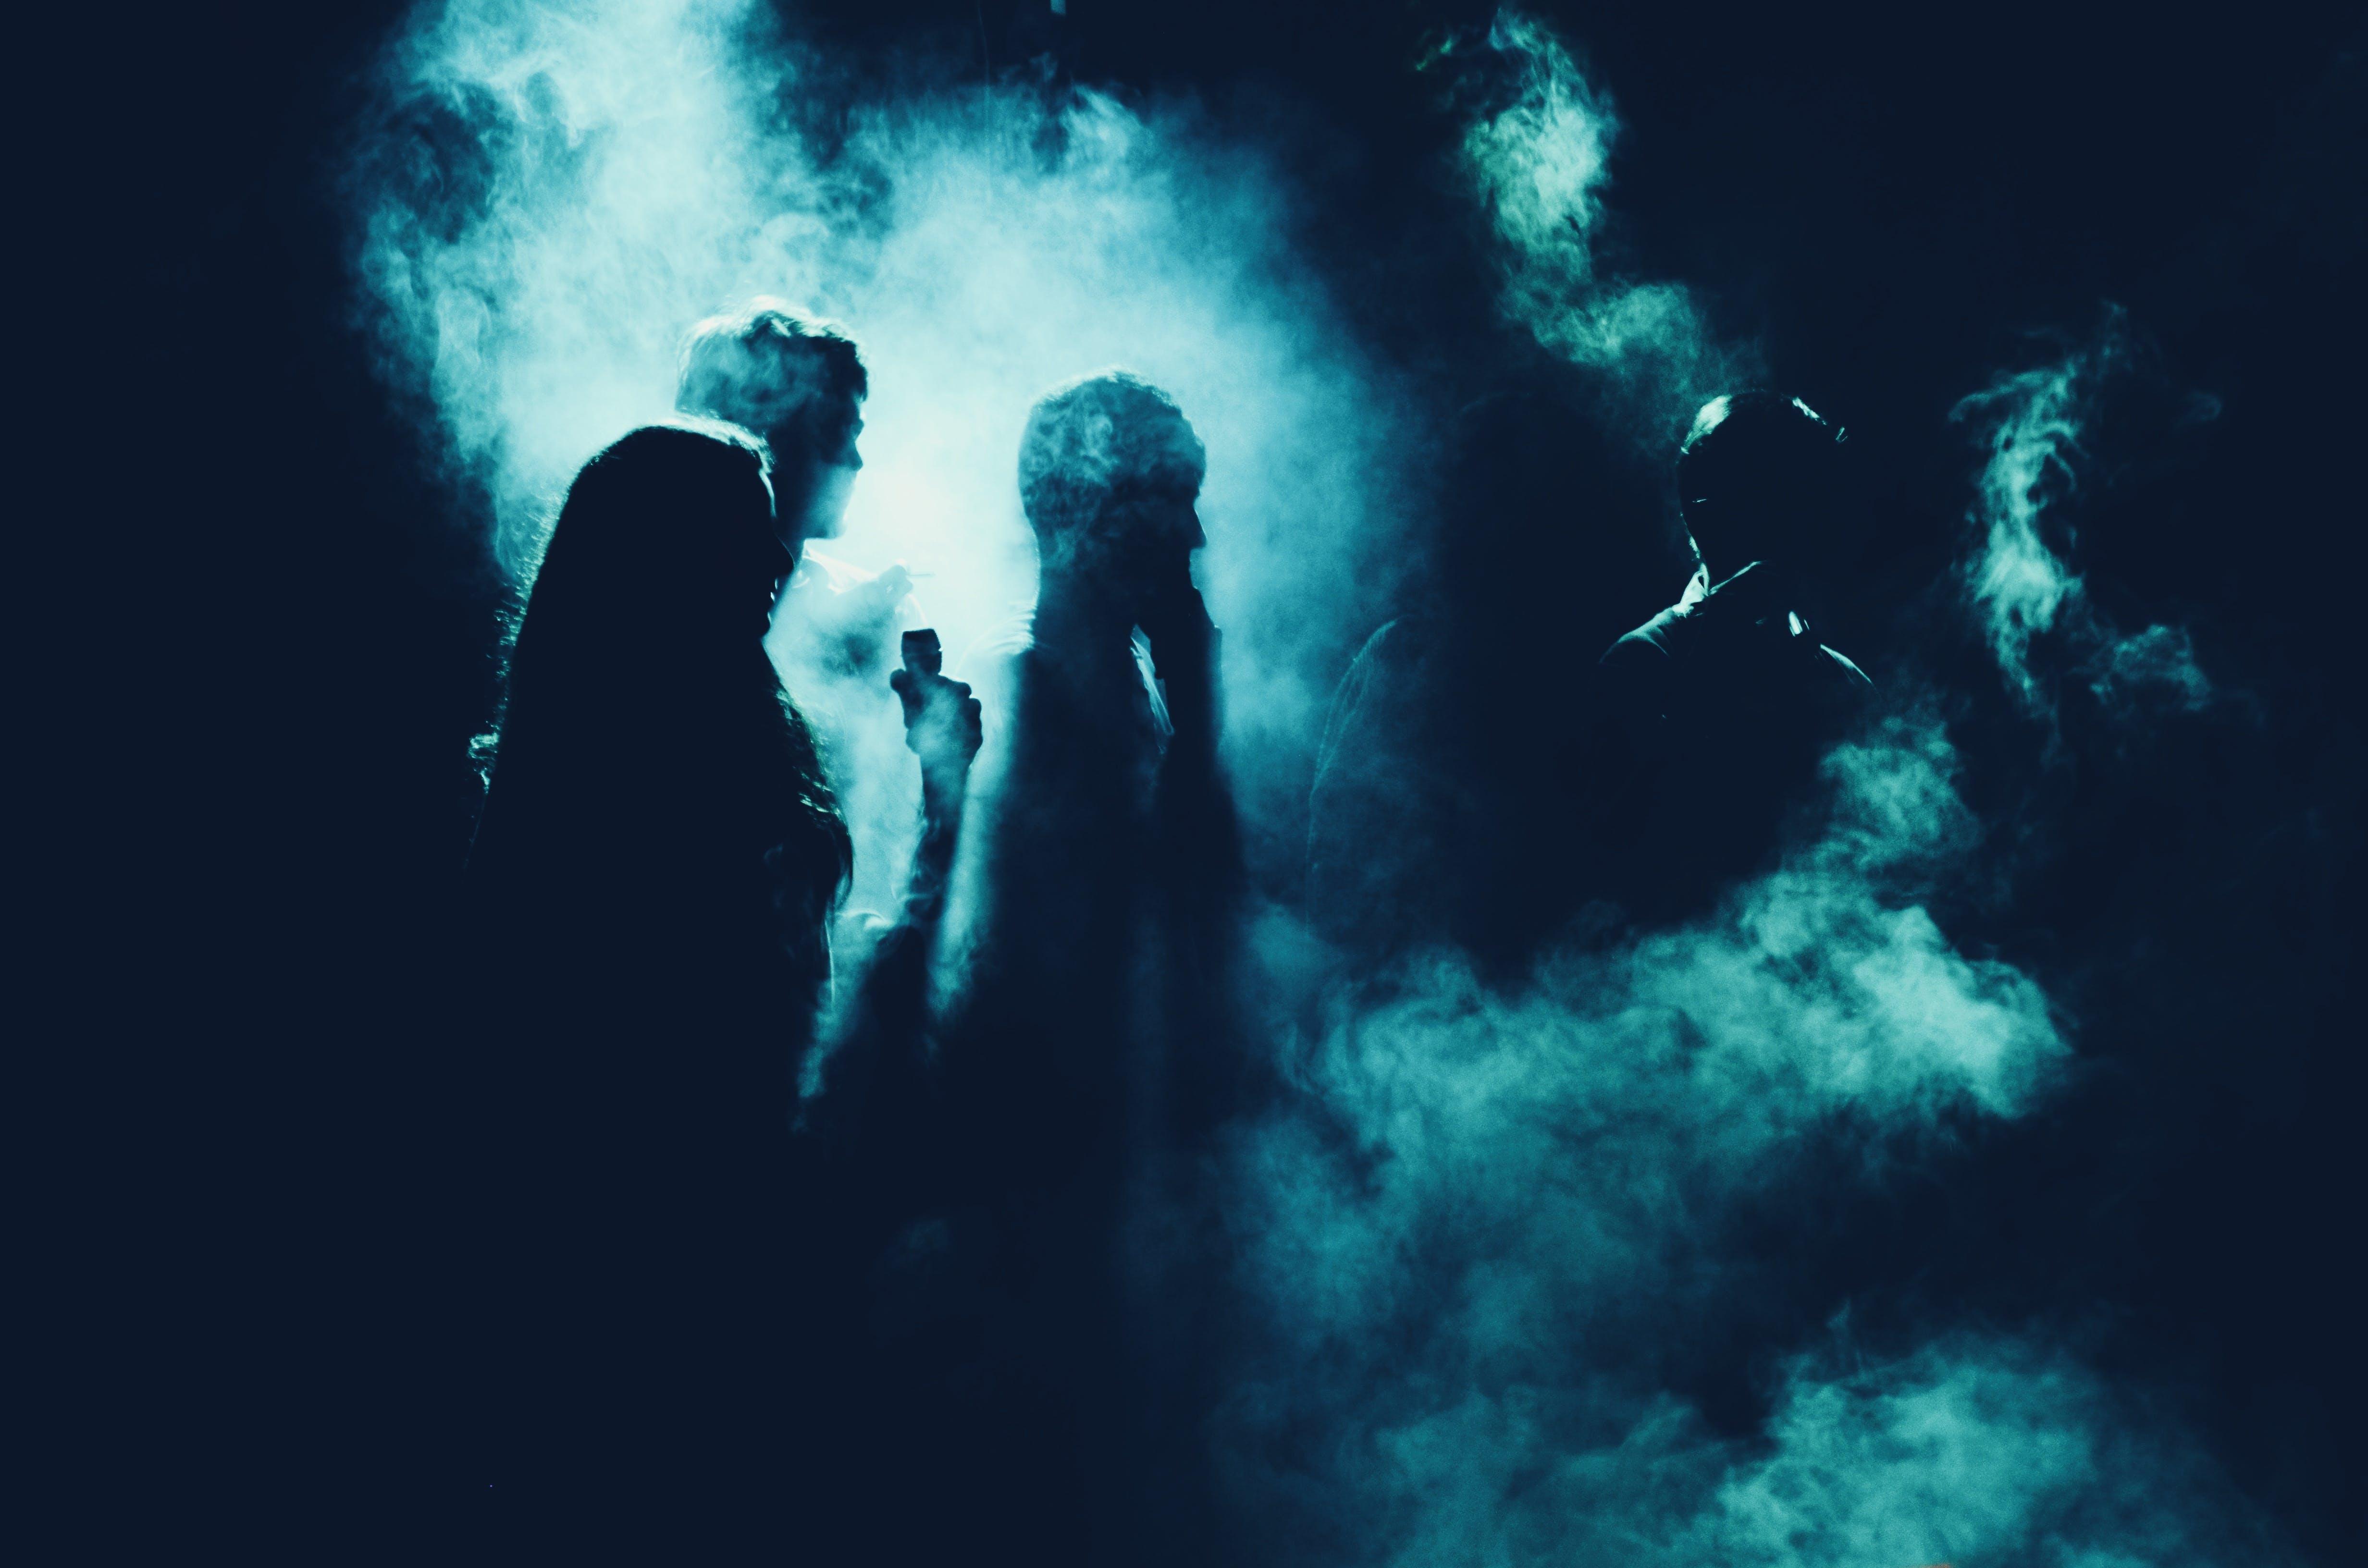 People on Smoke Screen